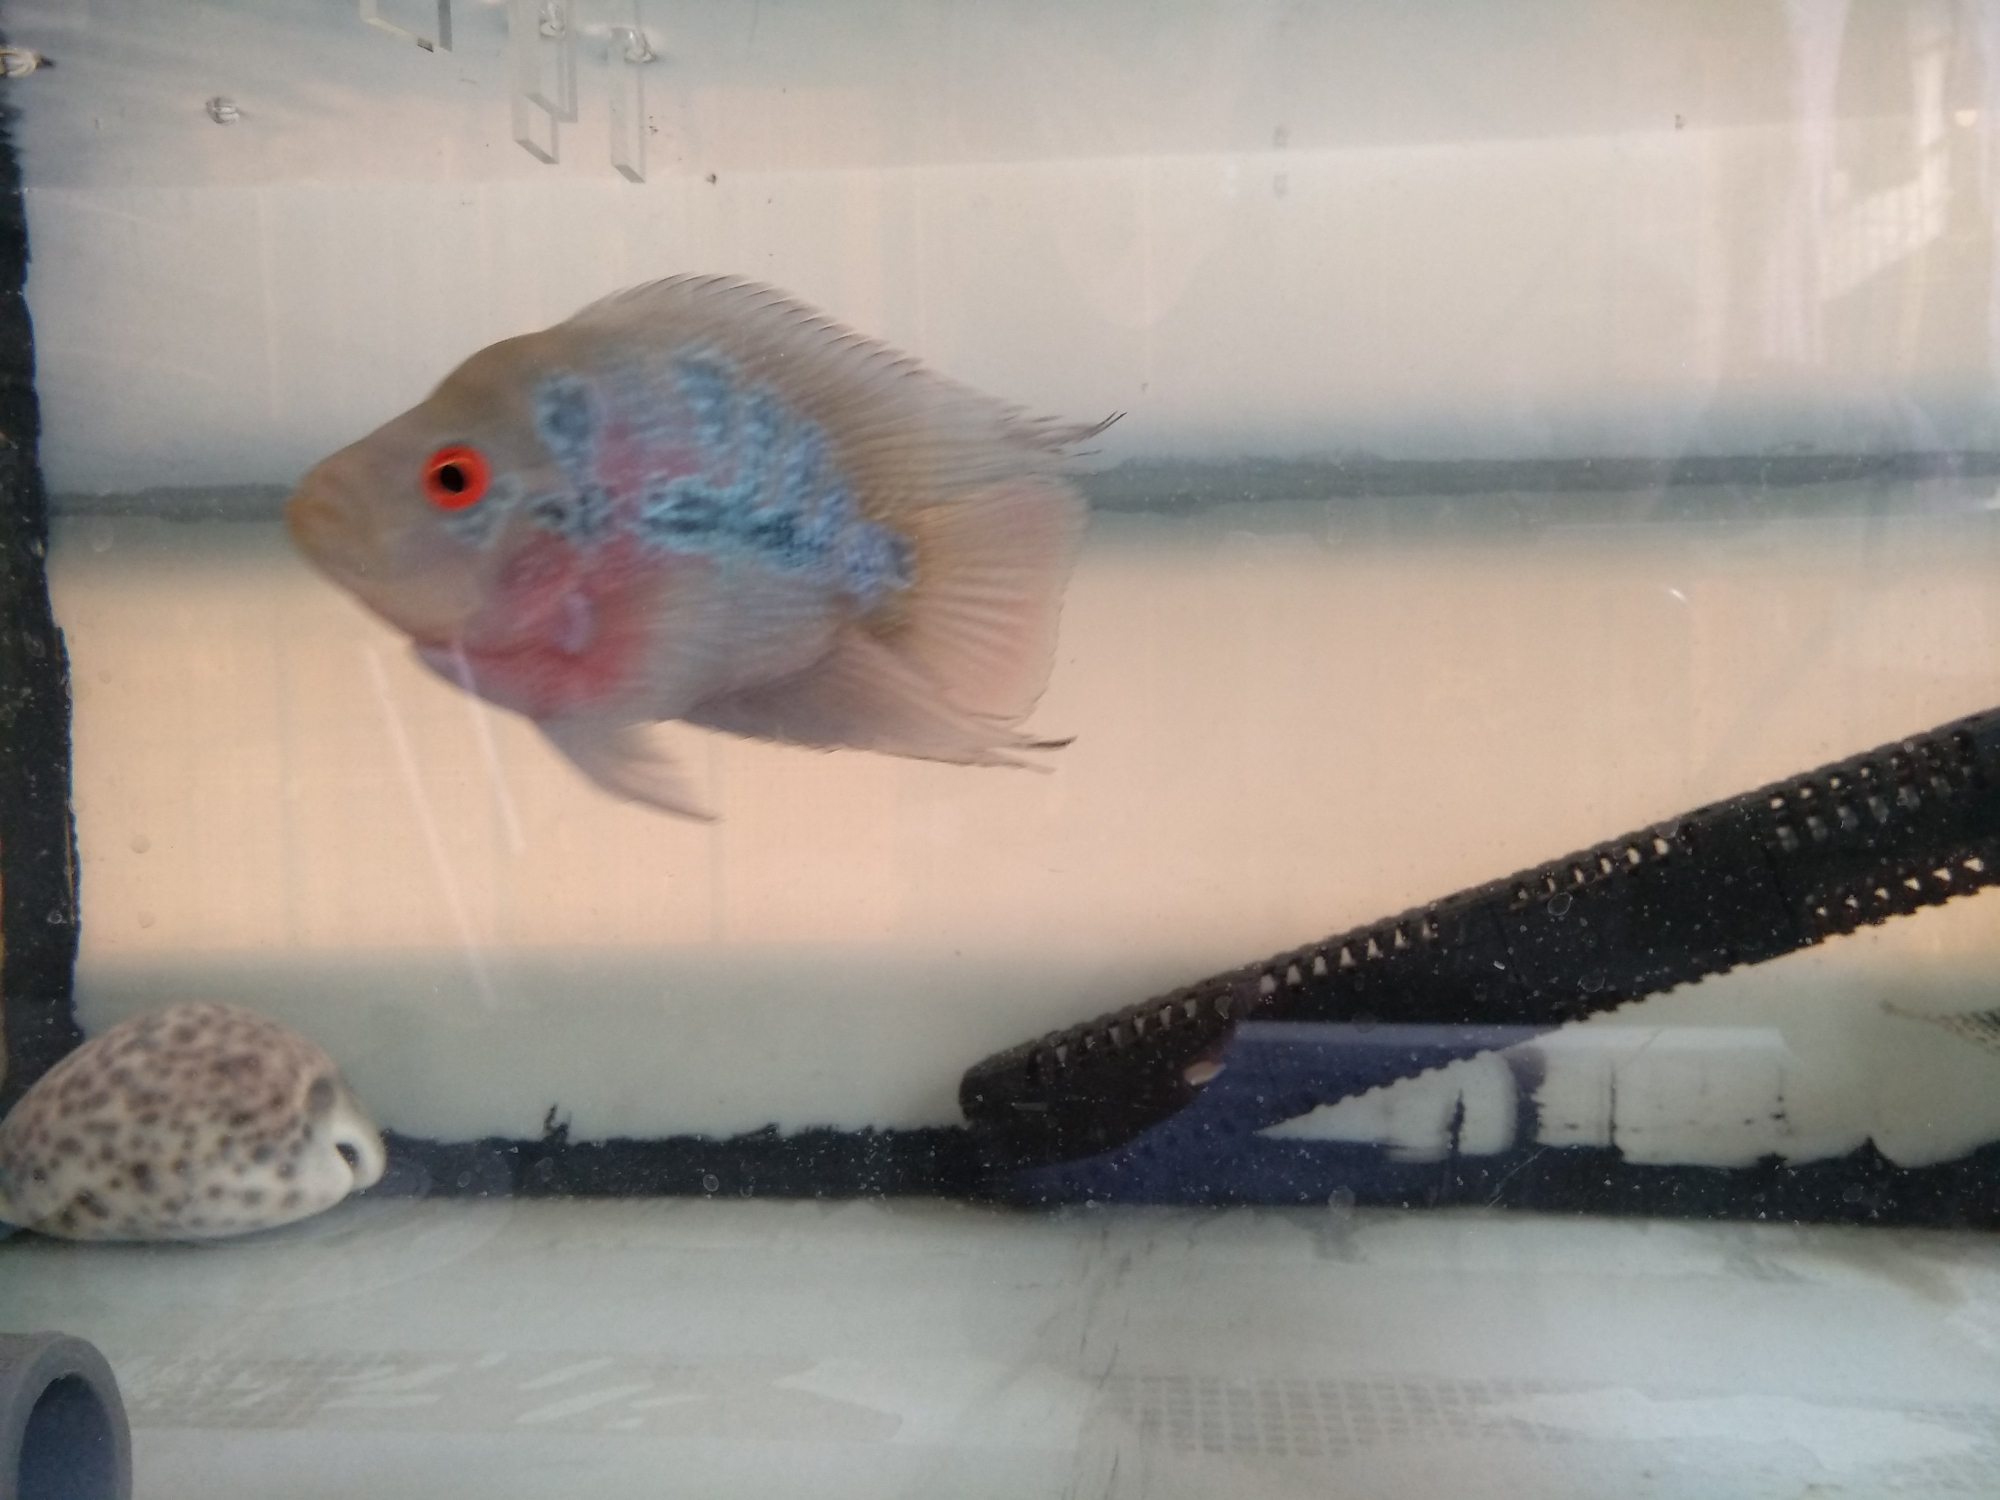 这是麒麟鹦鹉吧? 西安龙鱼论坛 西安龙鱼第8张